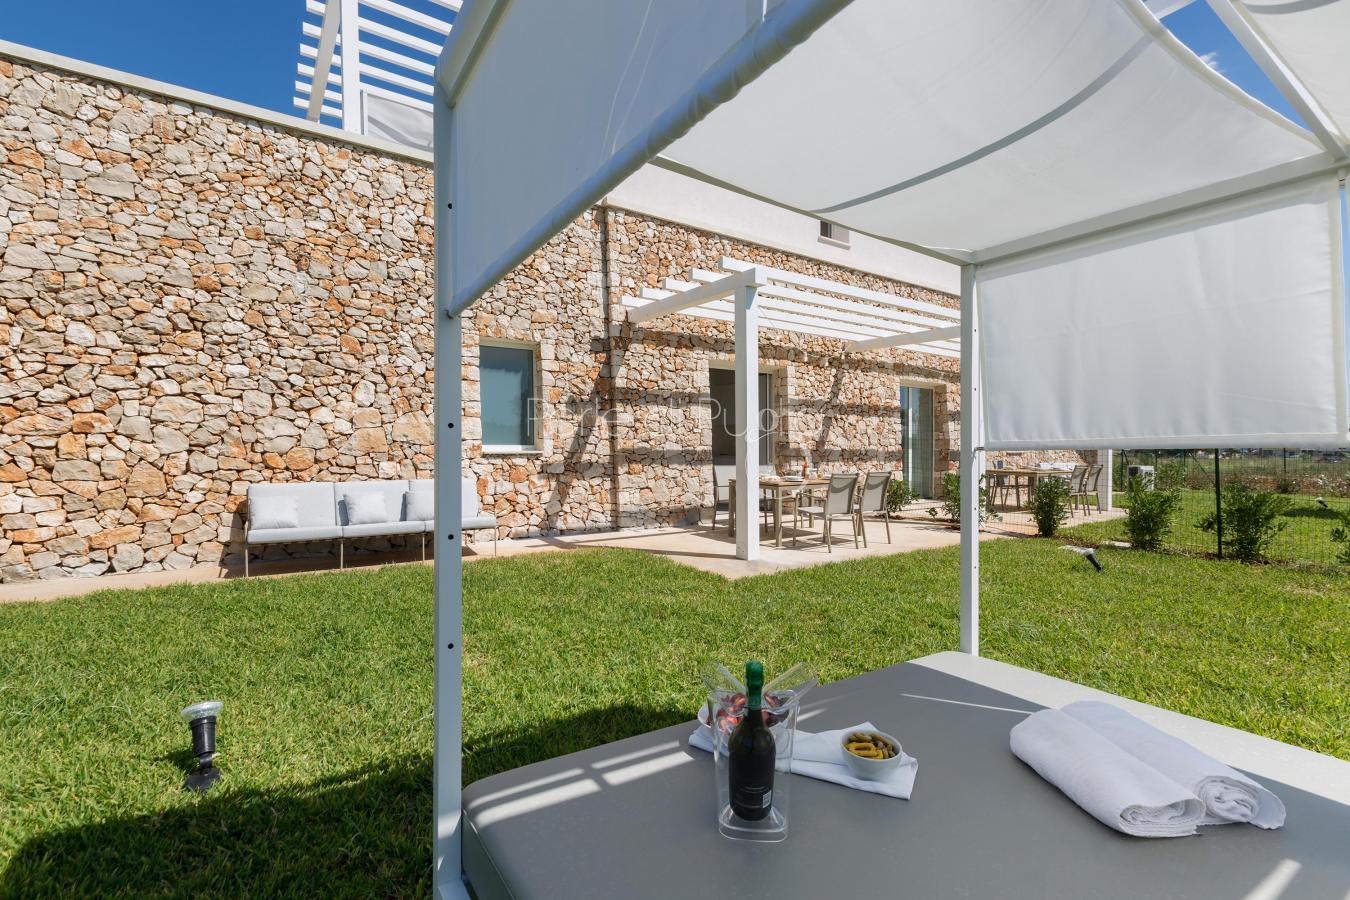 Le camere da letto hanno un bagno doccia ad uso esclusivo